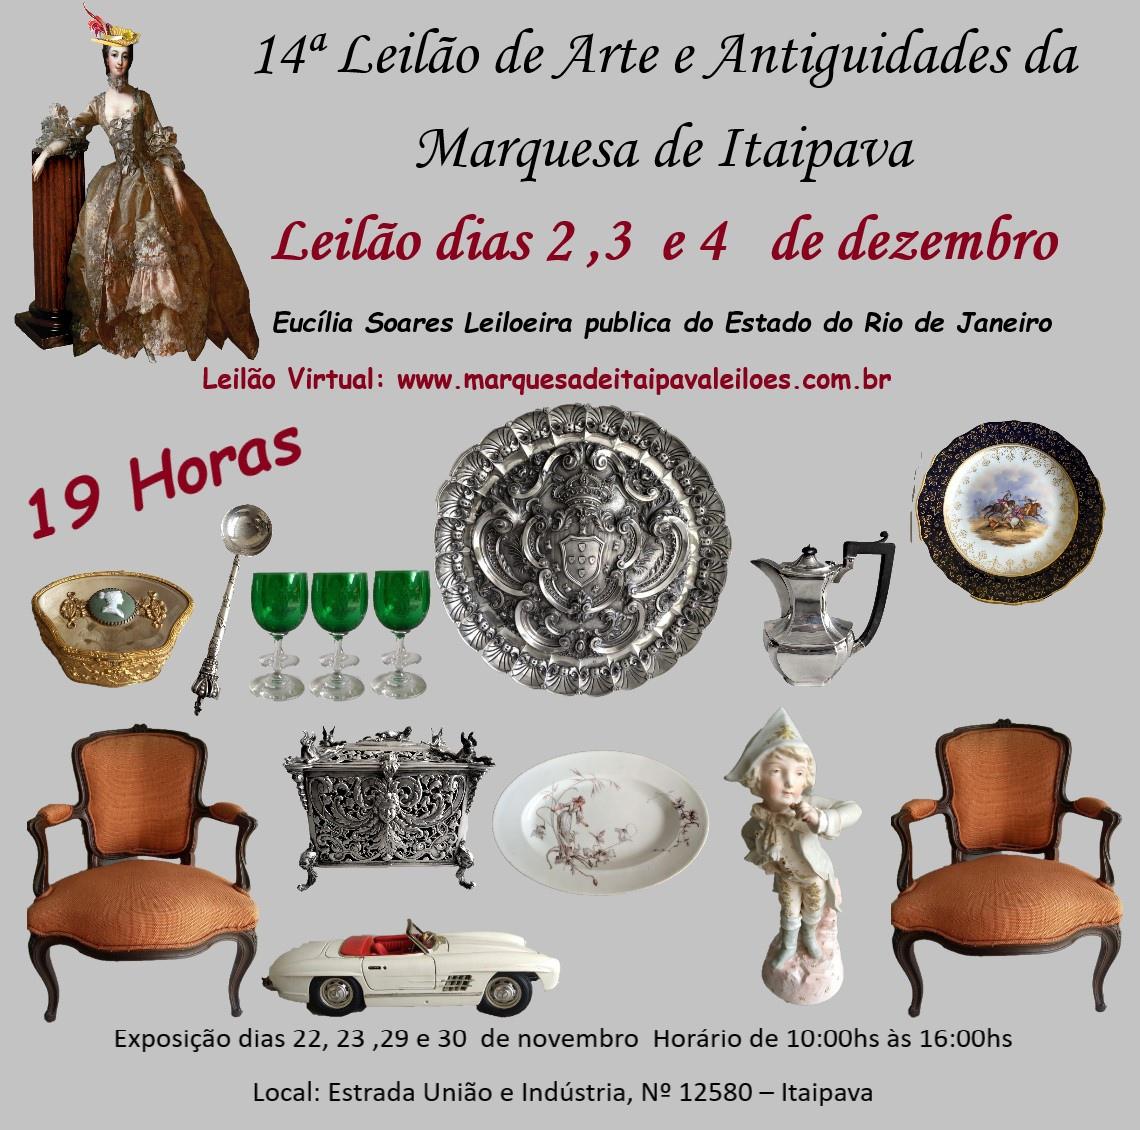 14º LEILÃO DE ARTE E ANTIGUIDADES  DA MARQUESA DE ITAIPAVA